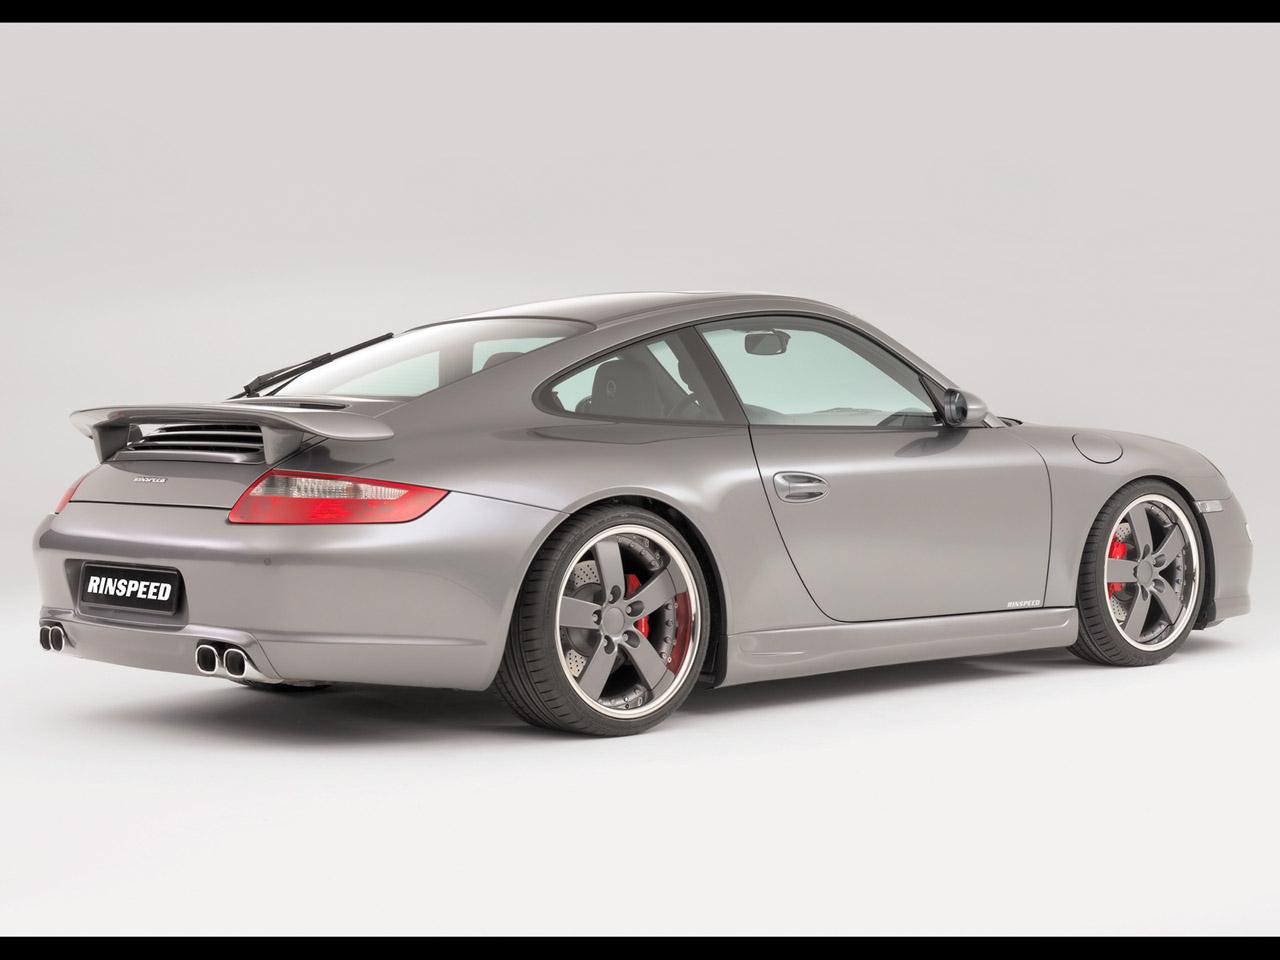 Porsche 911 997 3 6 Carrera Gt2 530 Hp